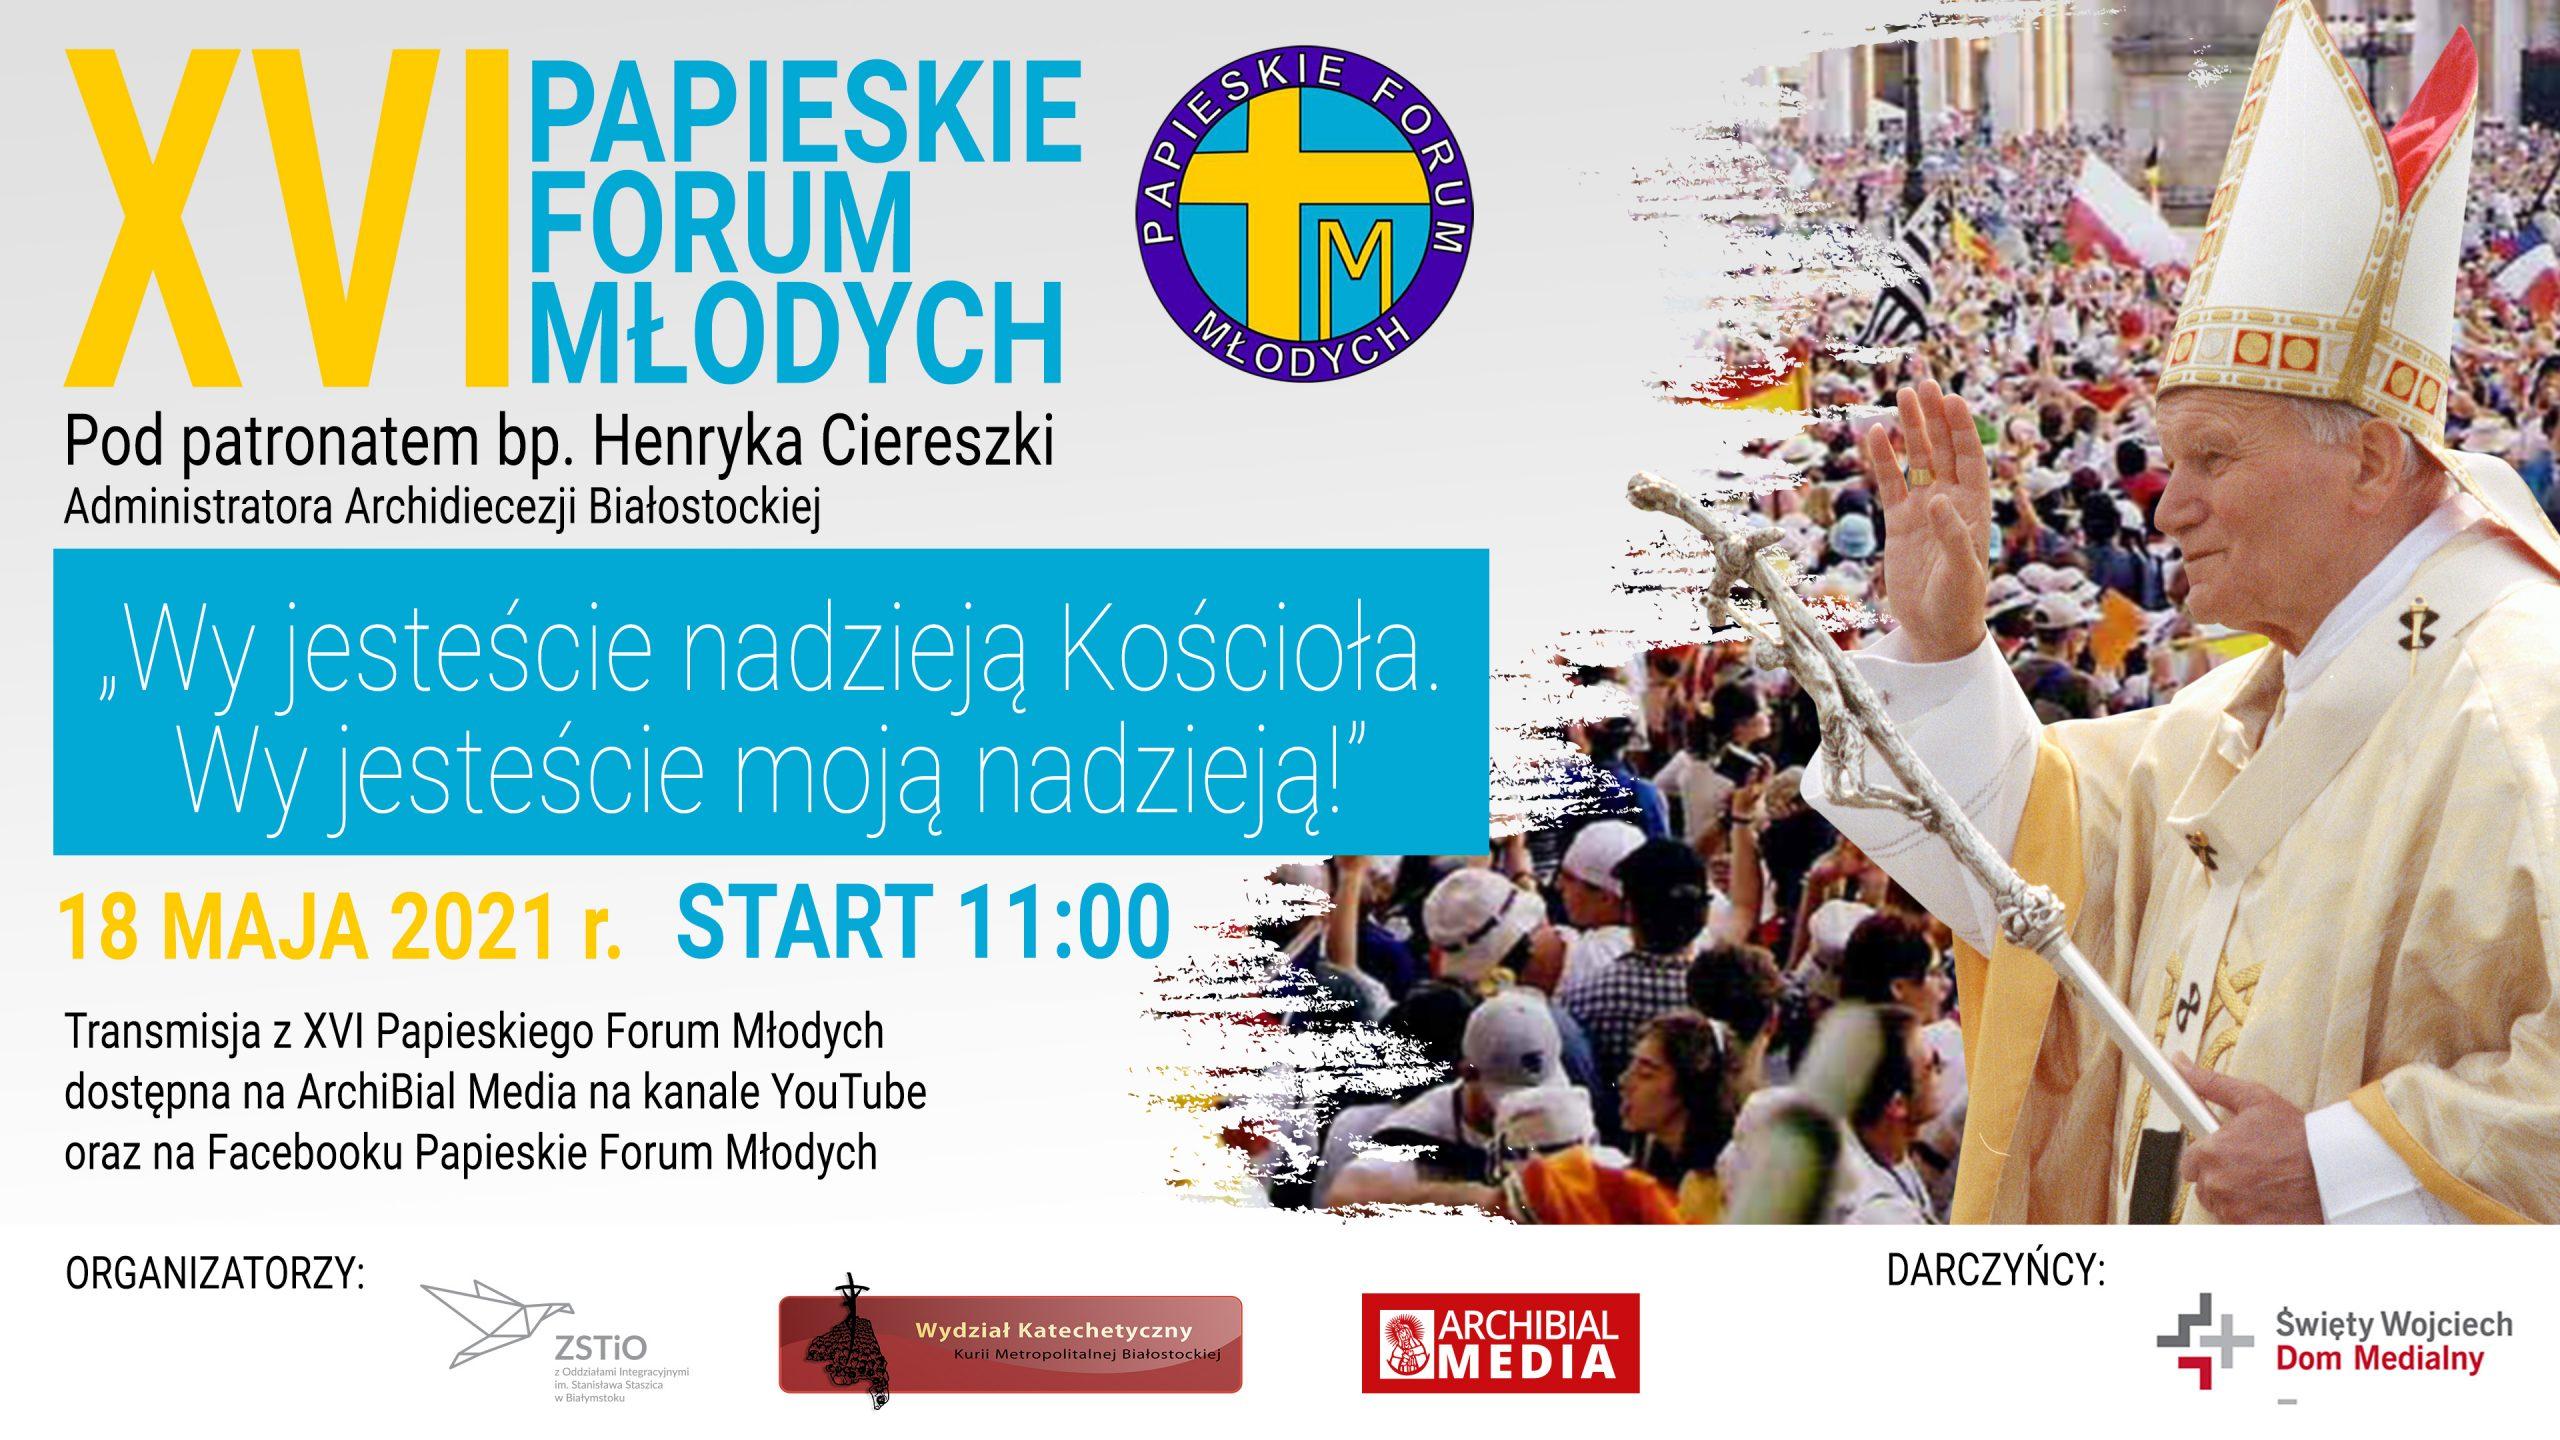 plakat informacyjny Papieskiego Forum Młodych, 18 maja o godzinie 11